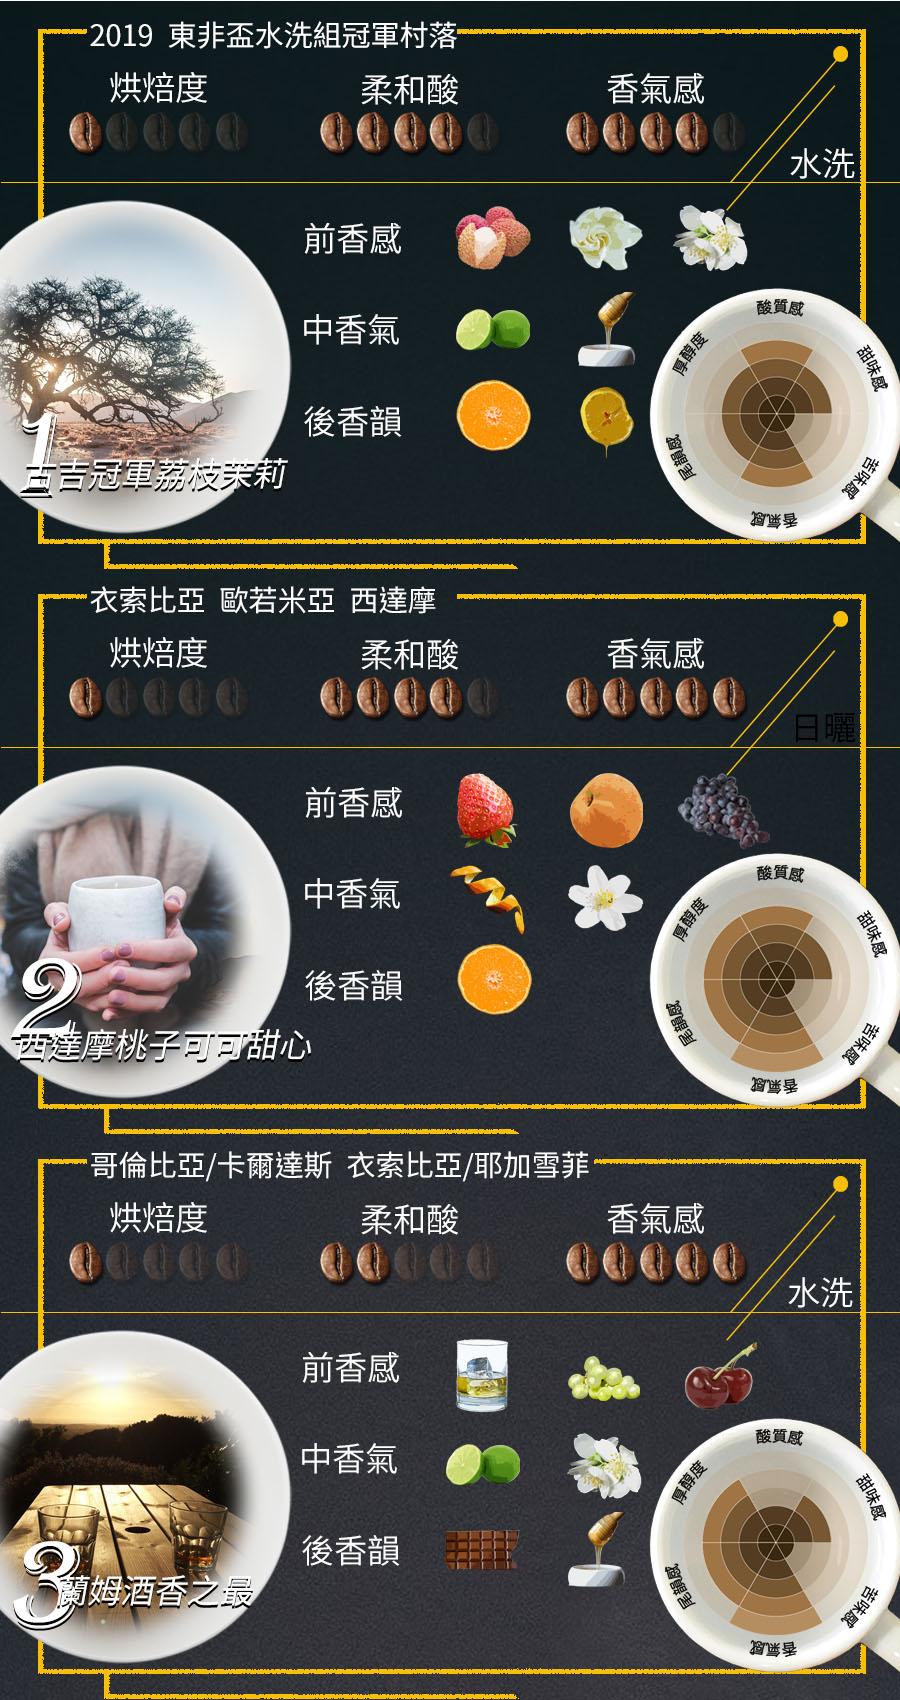 達人推薦B款-女子妍妍 品牌手沖壺禮盒(濾掛12入+手沖壺250ml)